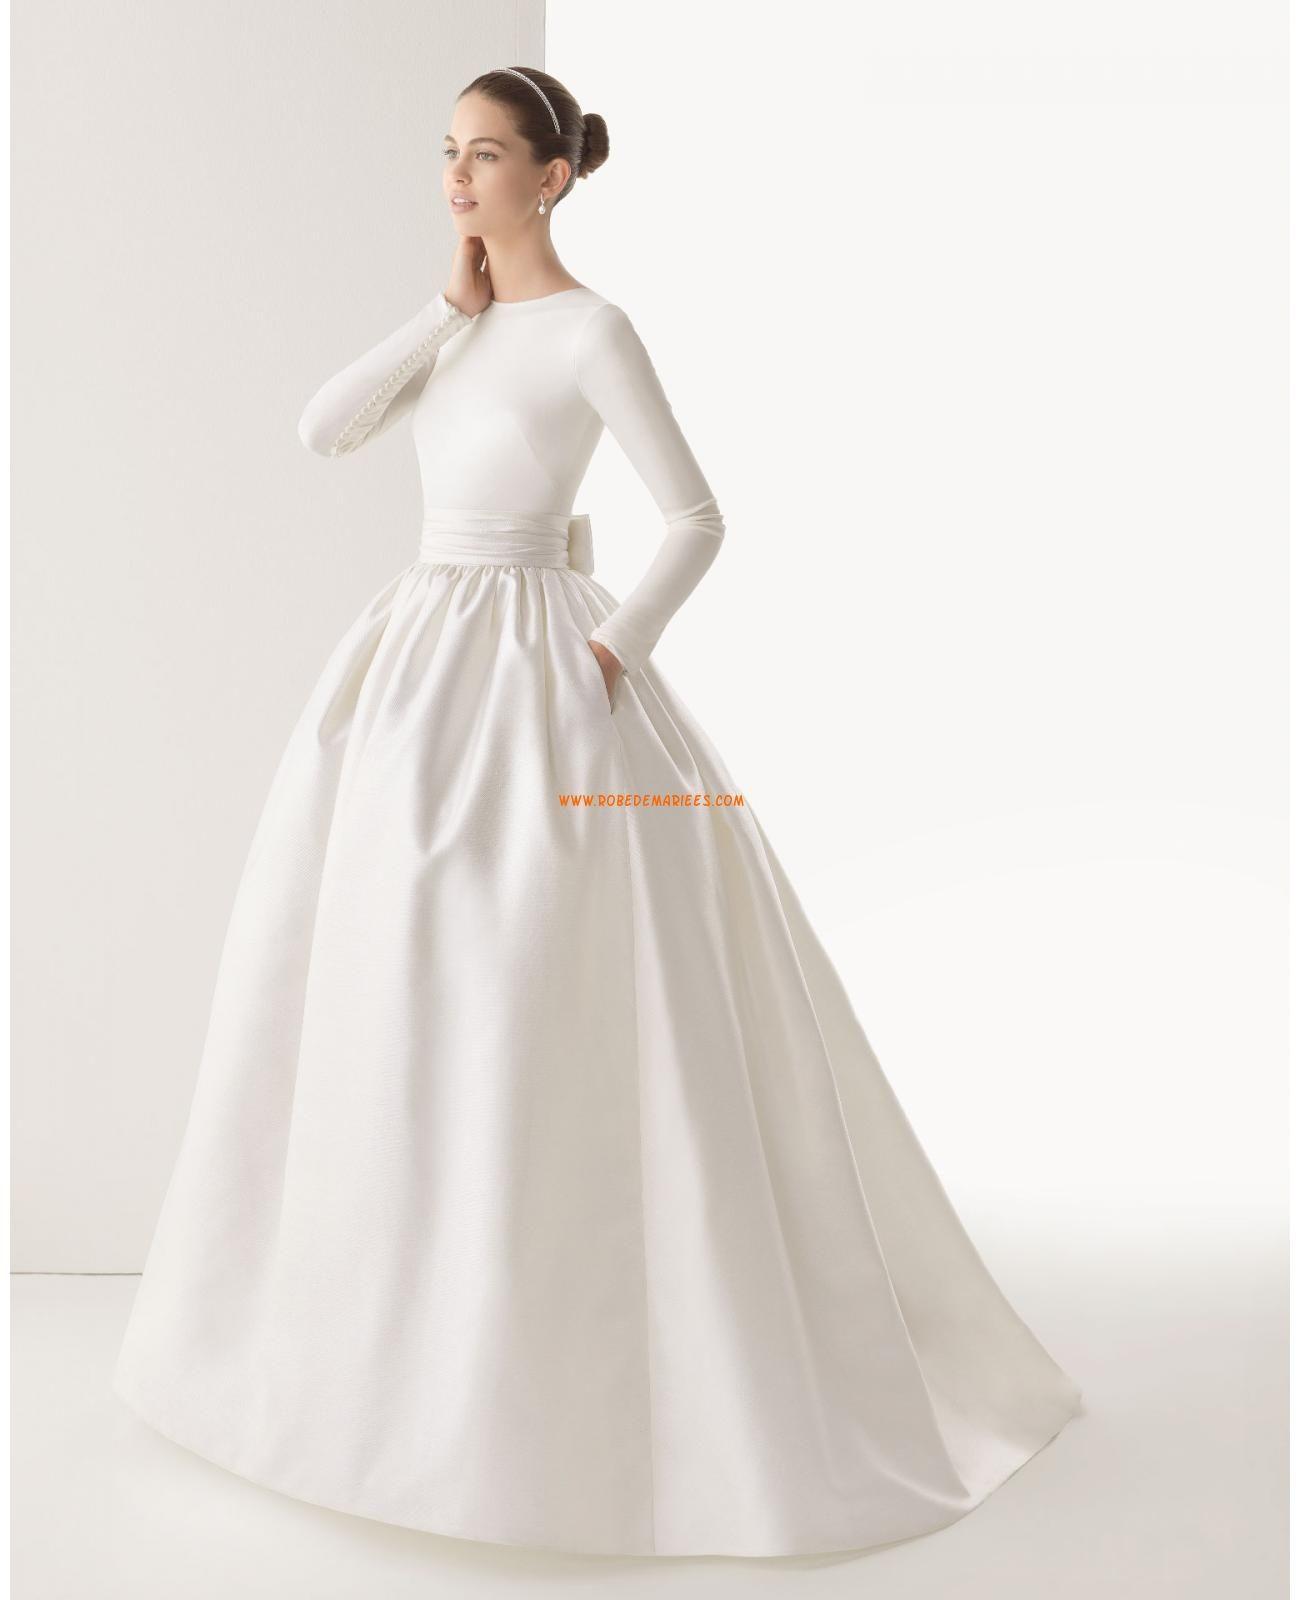 Robe de mariée princesse satin avec manches longues Plus